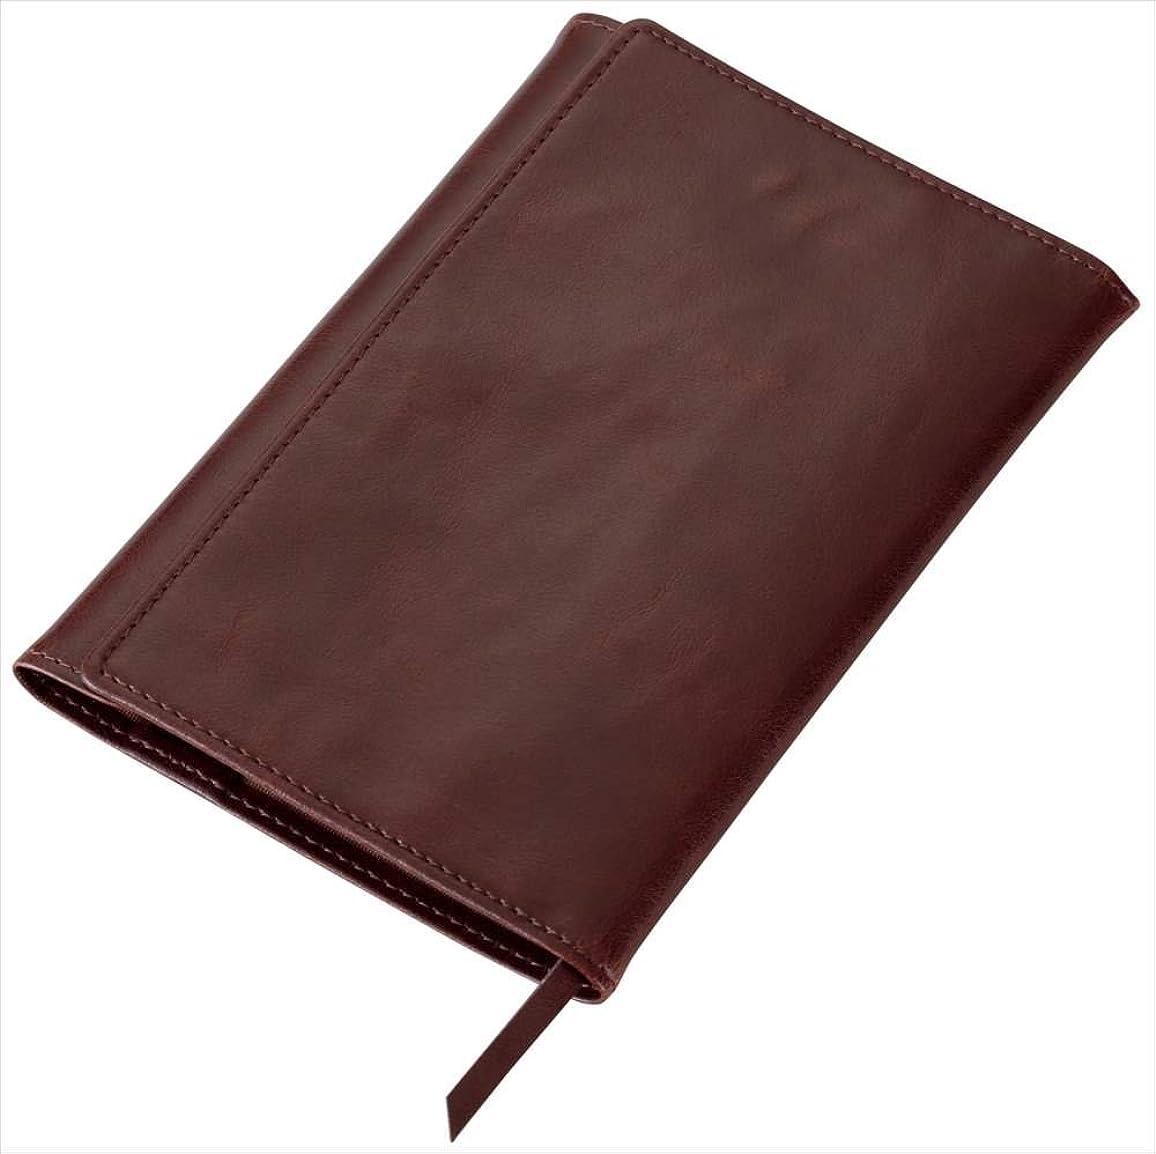 請うピジン発信レイメイ藤井 ブックカバー グロワール 文庫サイズ ブラウン 合皮製 GLV1201C